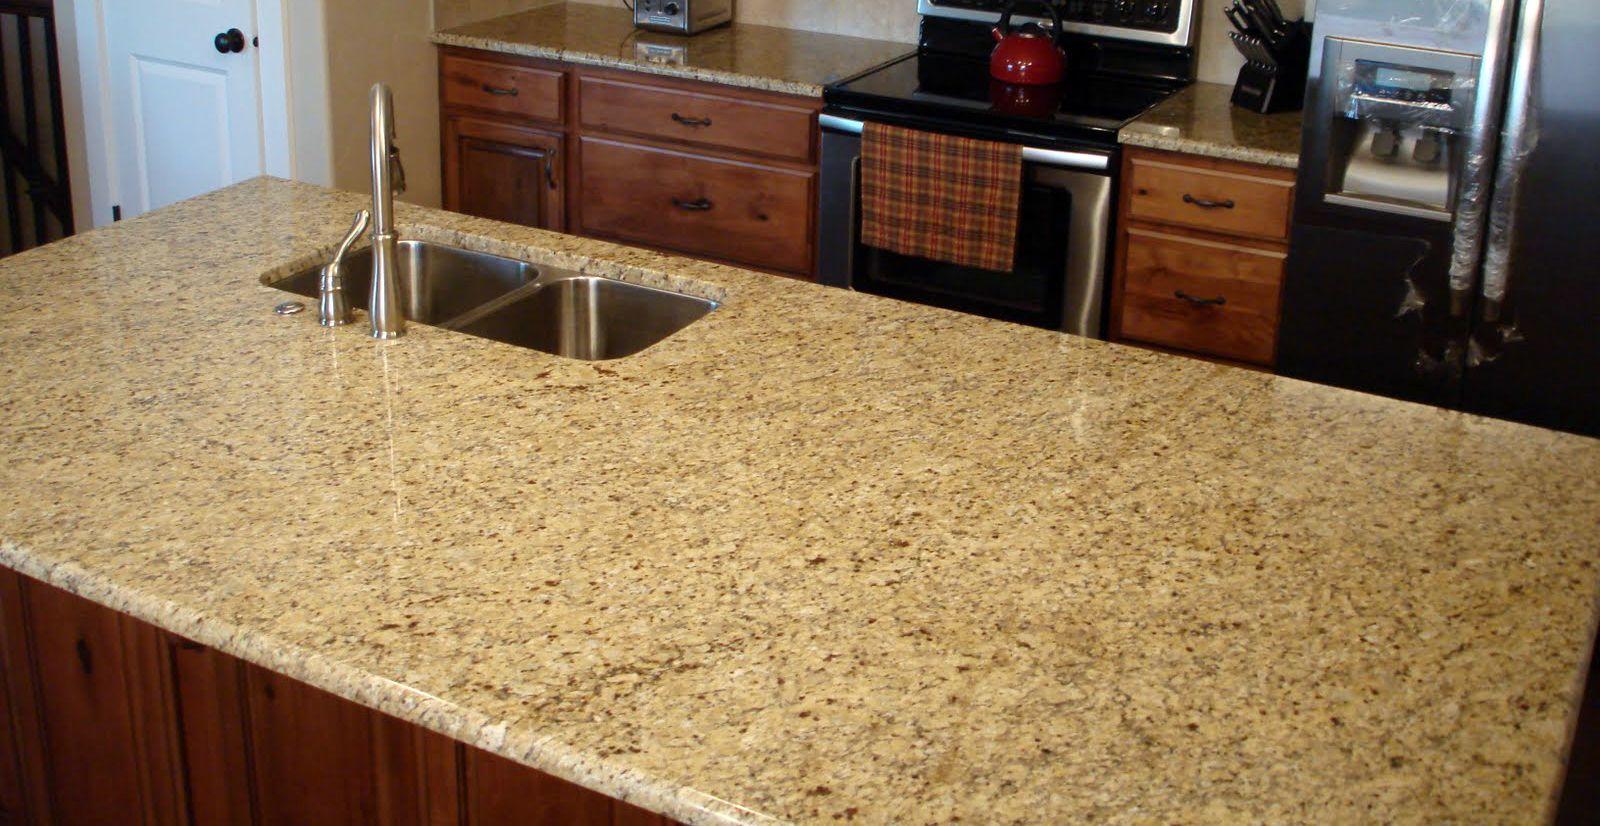 Tonos granito natural granito ornamental for Precio metro granito